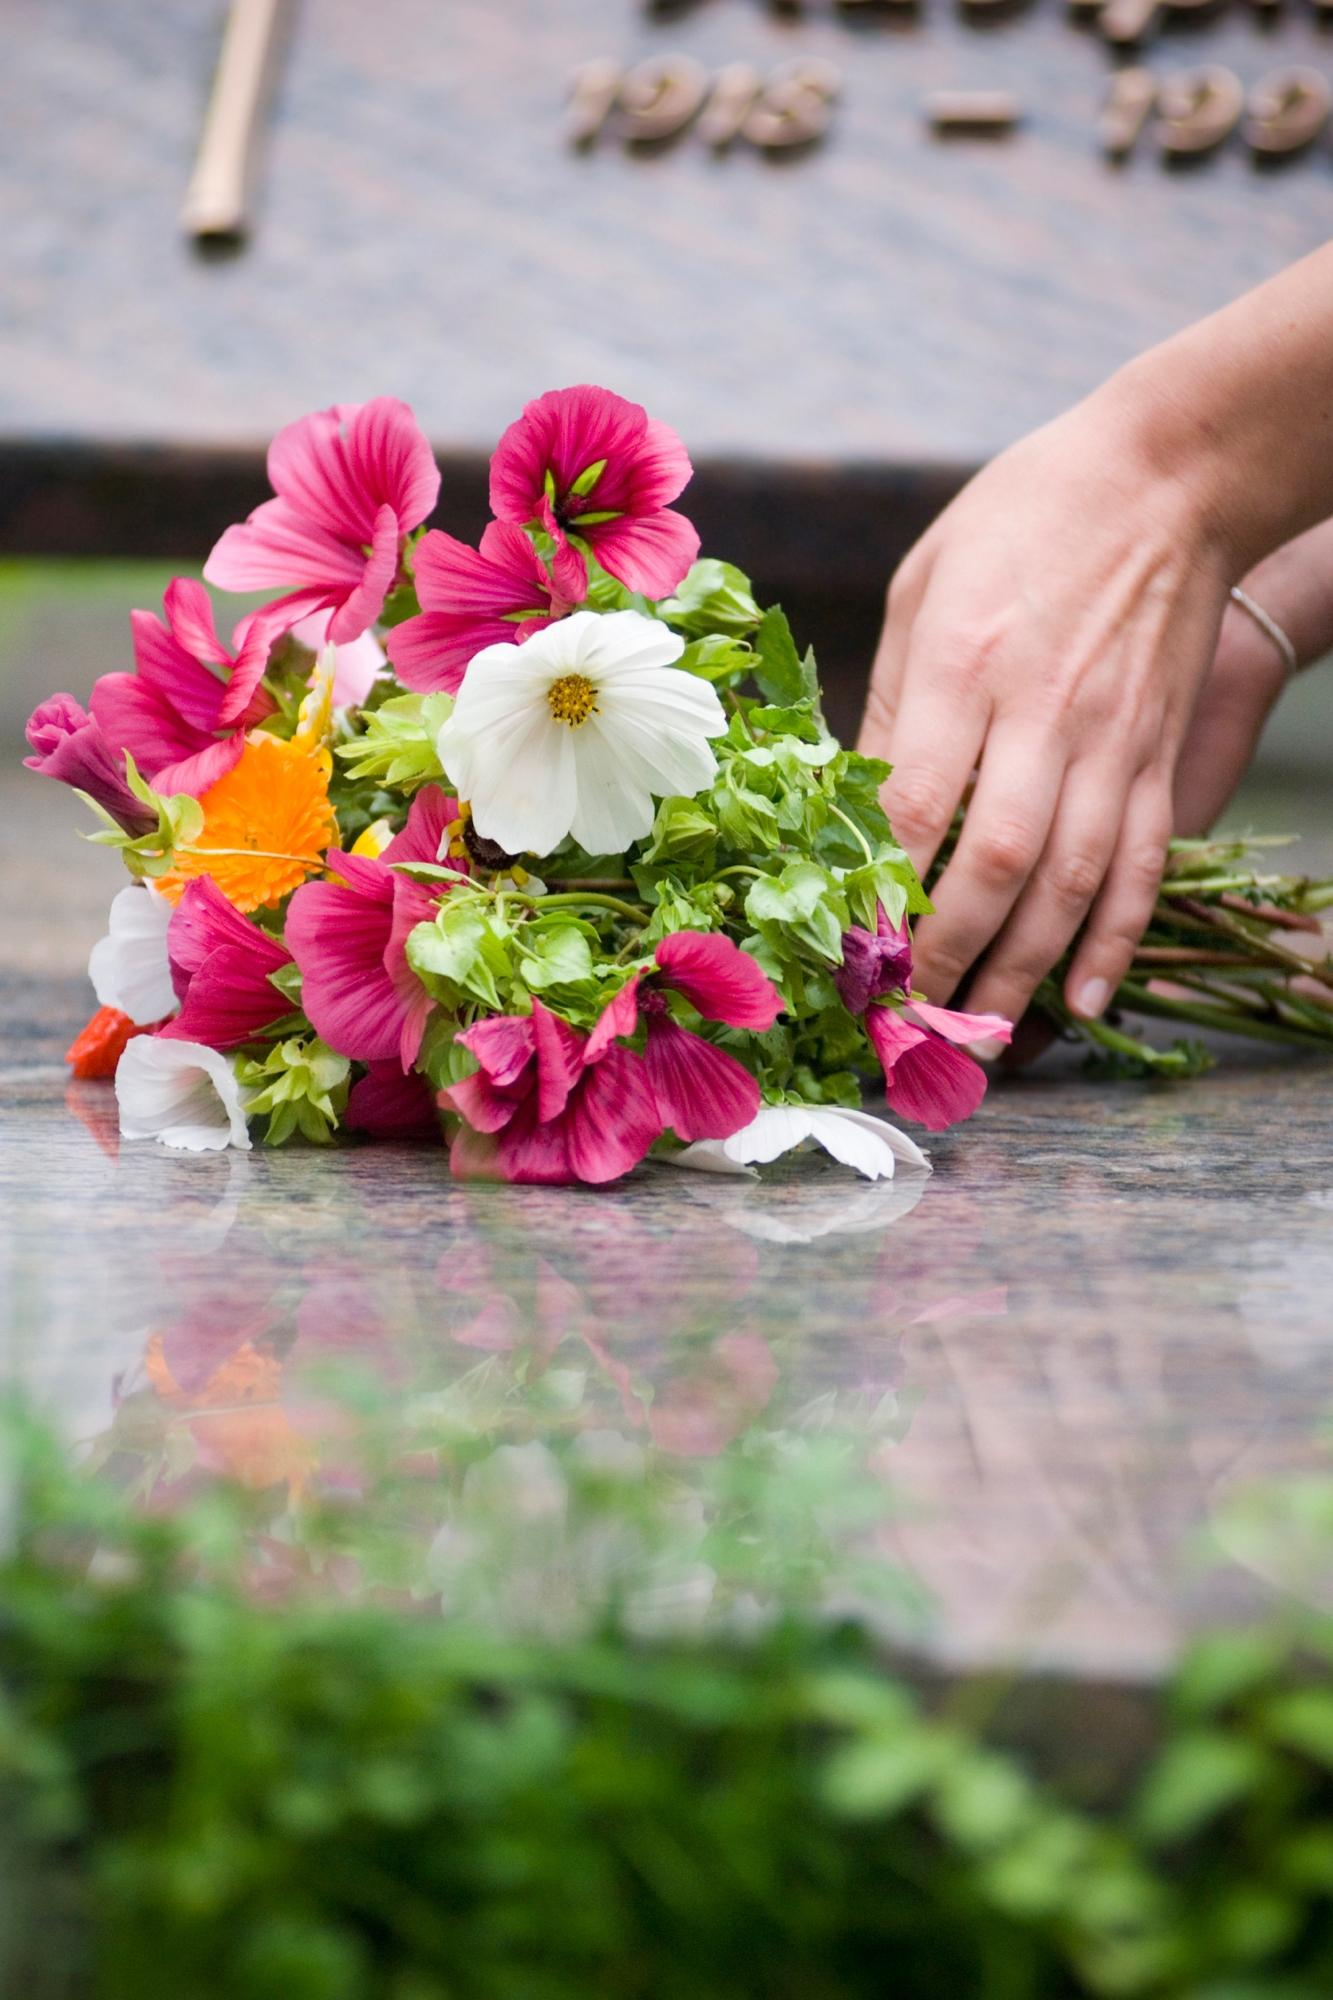 maitre de ceremonie funeraire aria chanteuse officiant obseques enterrement civil cimetiere